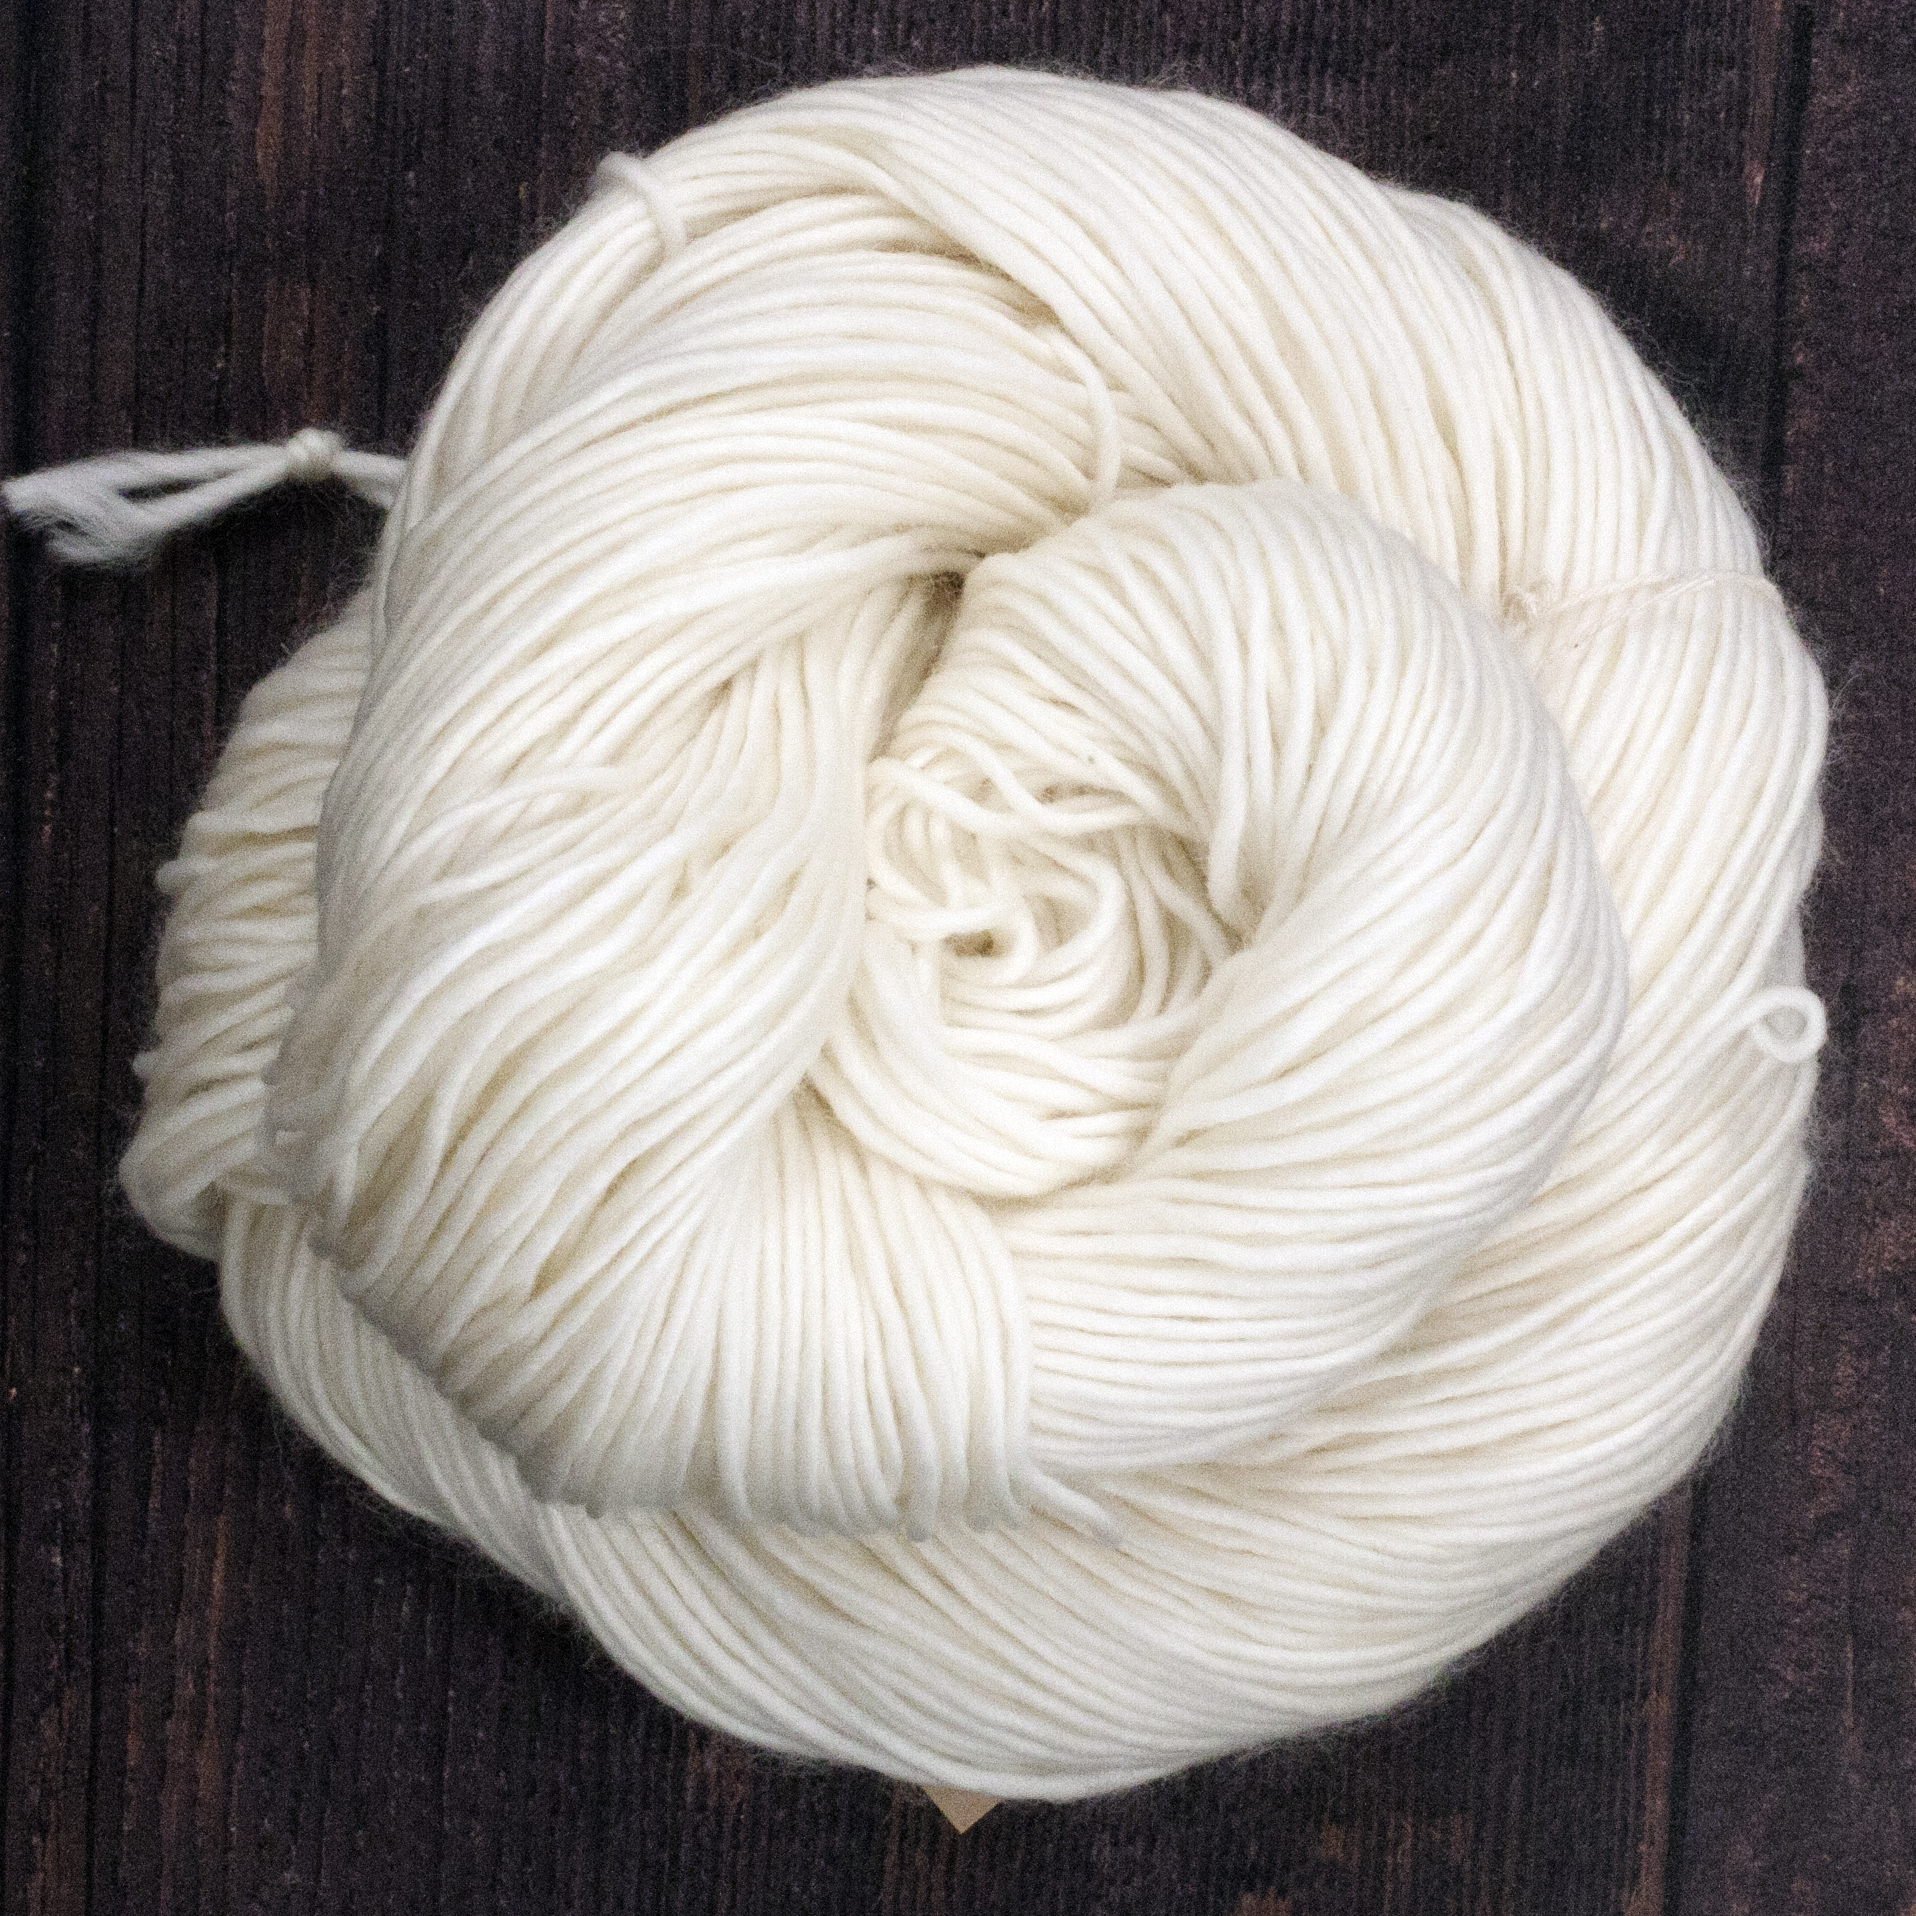 Type 49218   Single and Stunning DK 100% Superwash Merino Wool  100g Hanks  220m per 100g 1/2.2nm